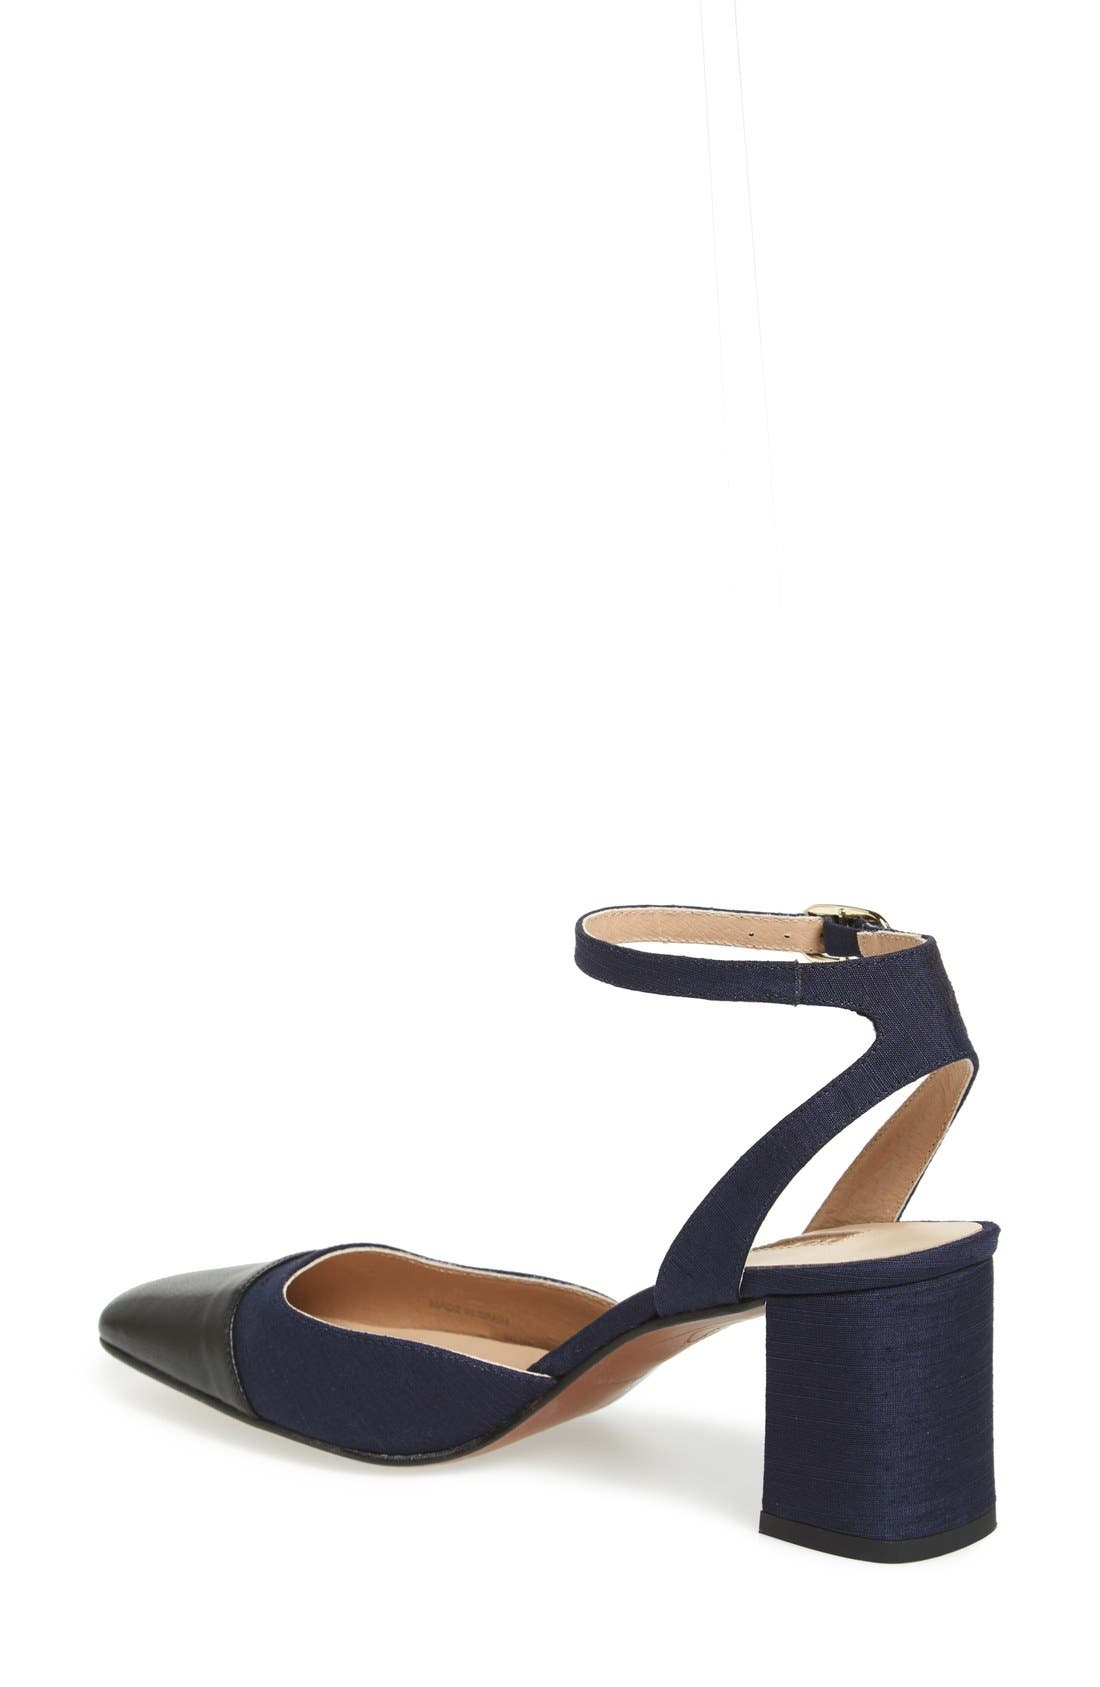 'Jewel' Cap Toe Block Heel Pump,                             Alternate thumbnail 2, color,                             Navy Blue Multi